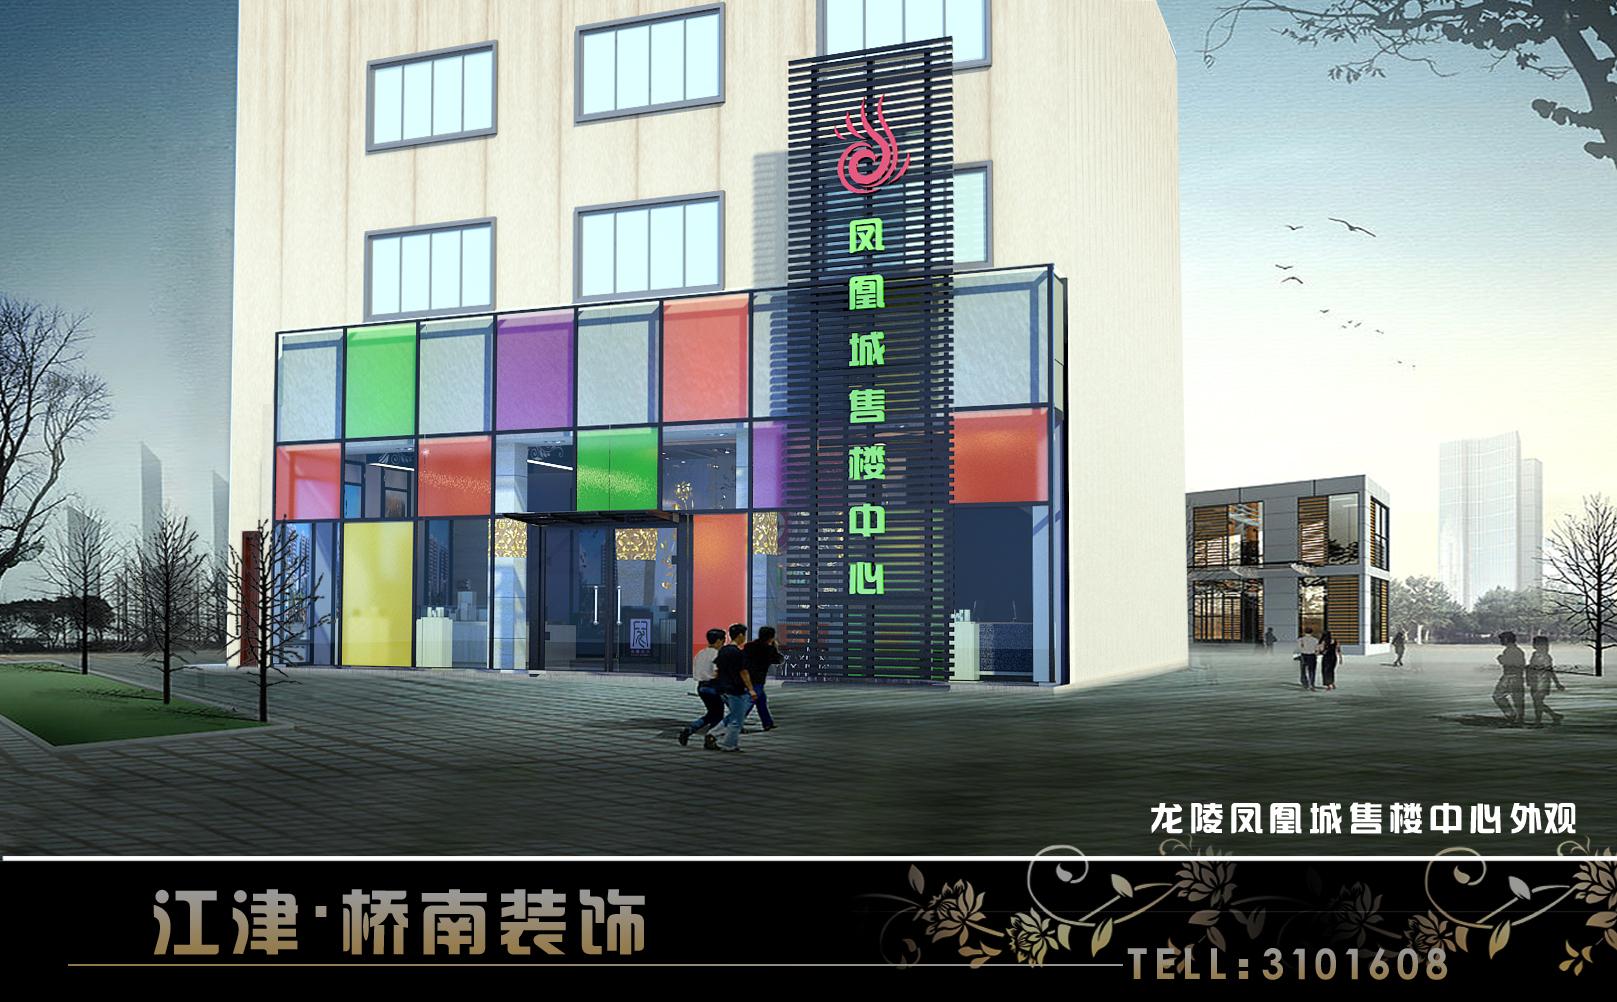 龙陵凤凰城售楼部